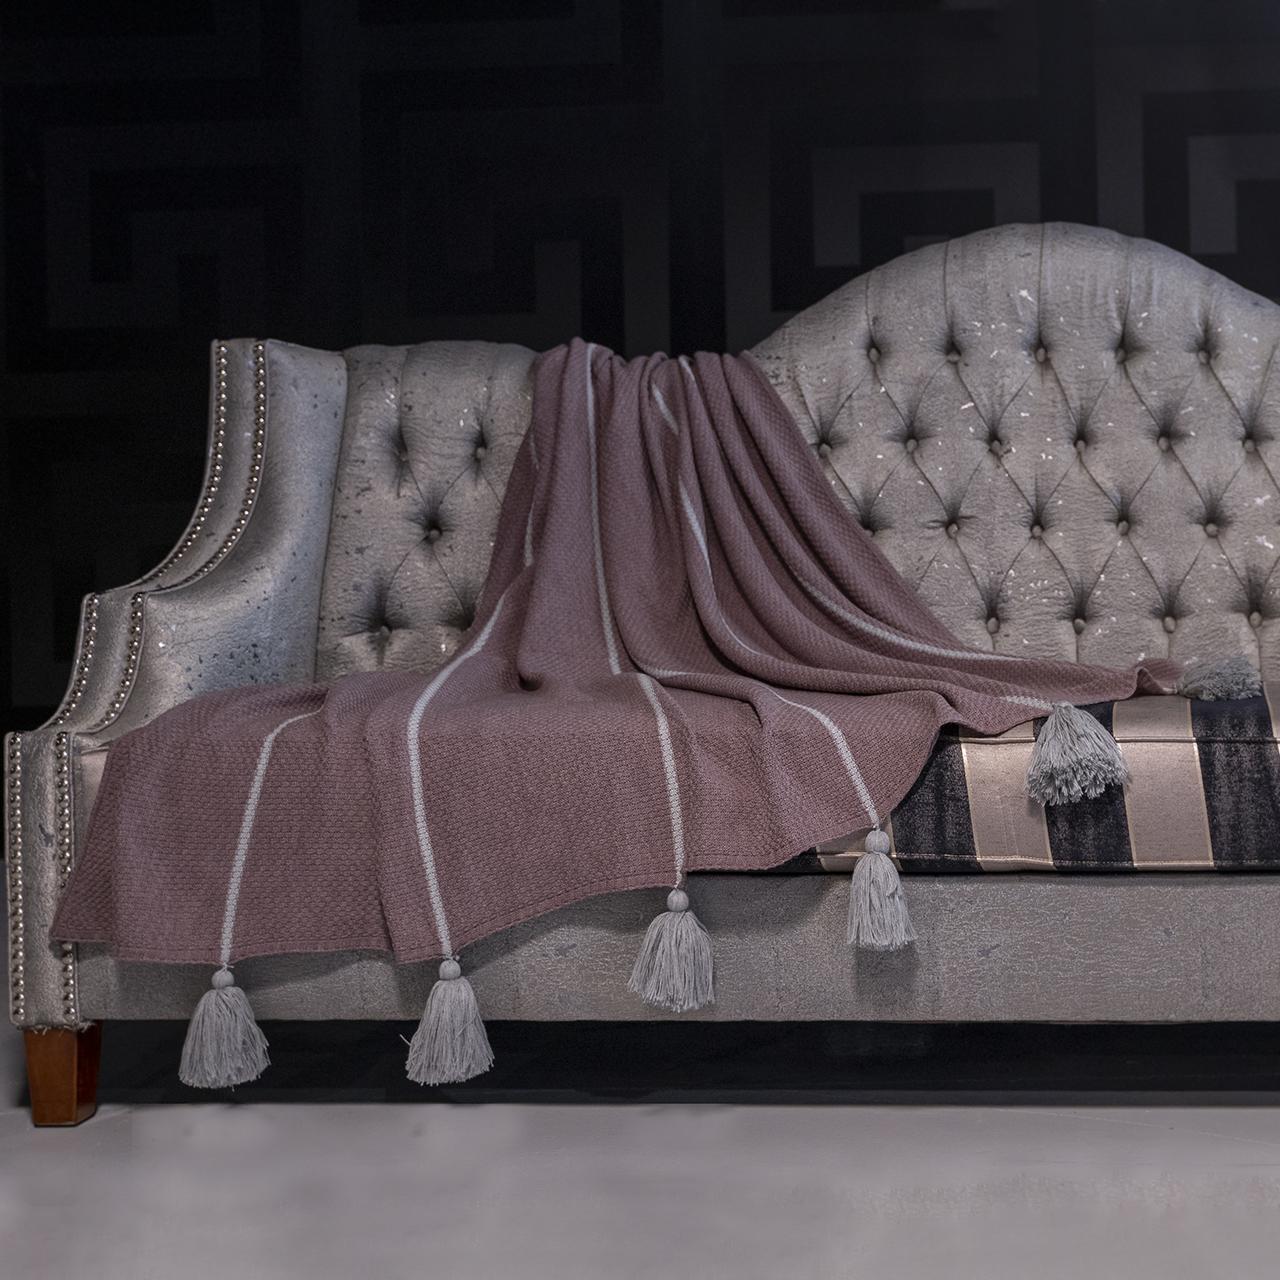 شال مبل و تخت مدل زبرا سایز 140x180 سانتیمتر